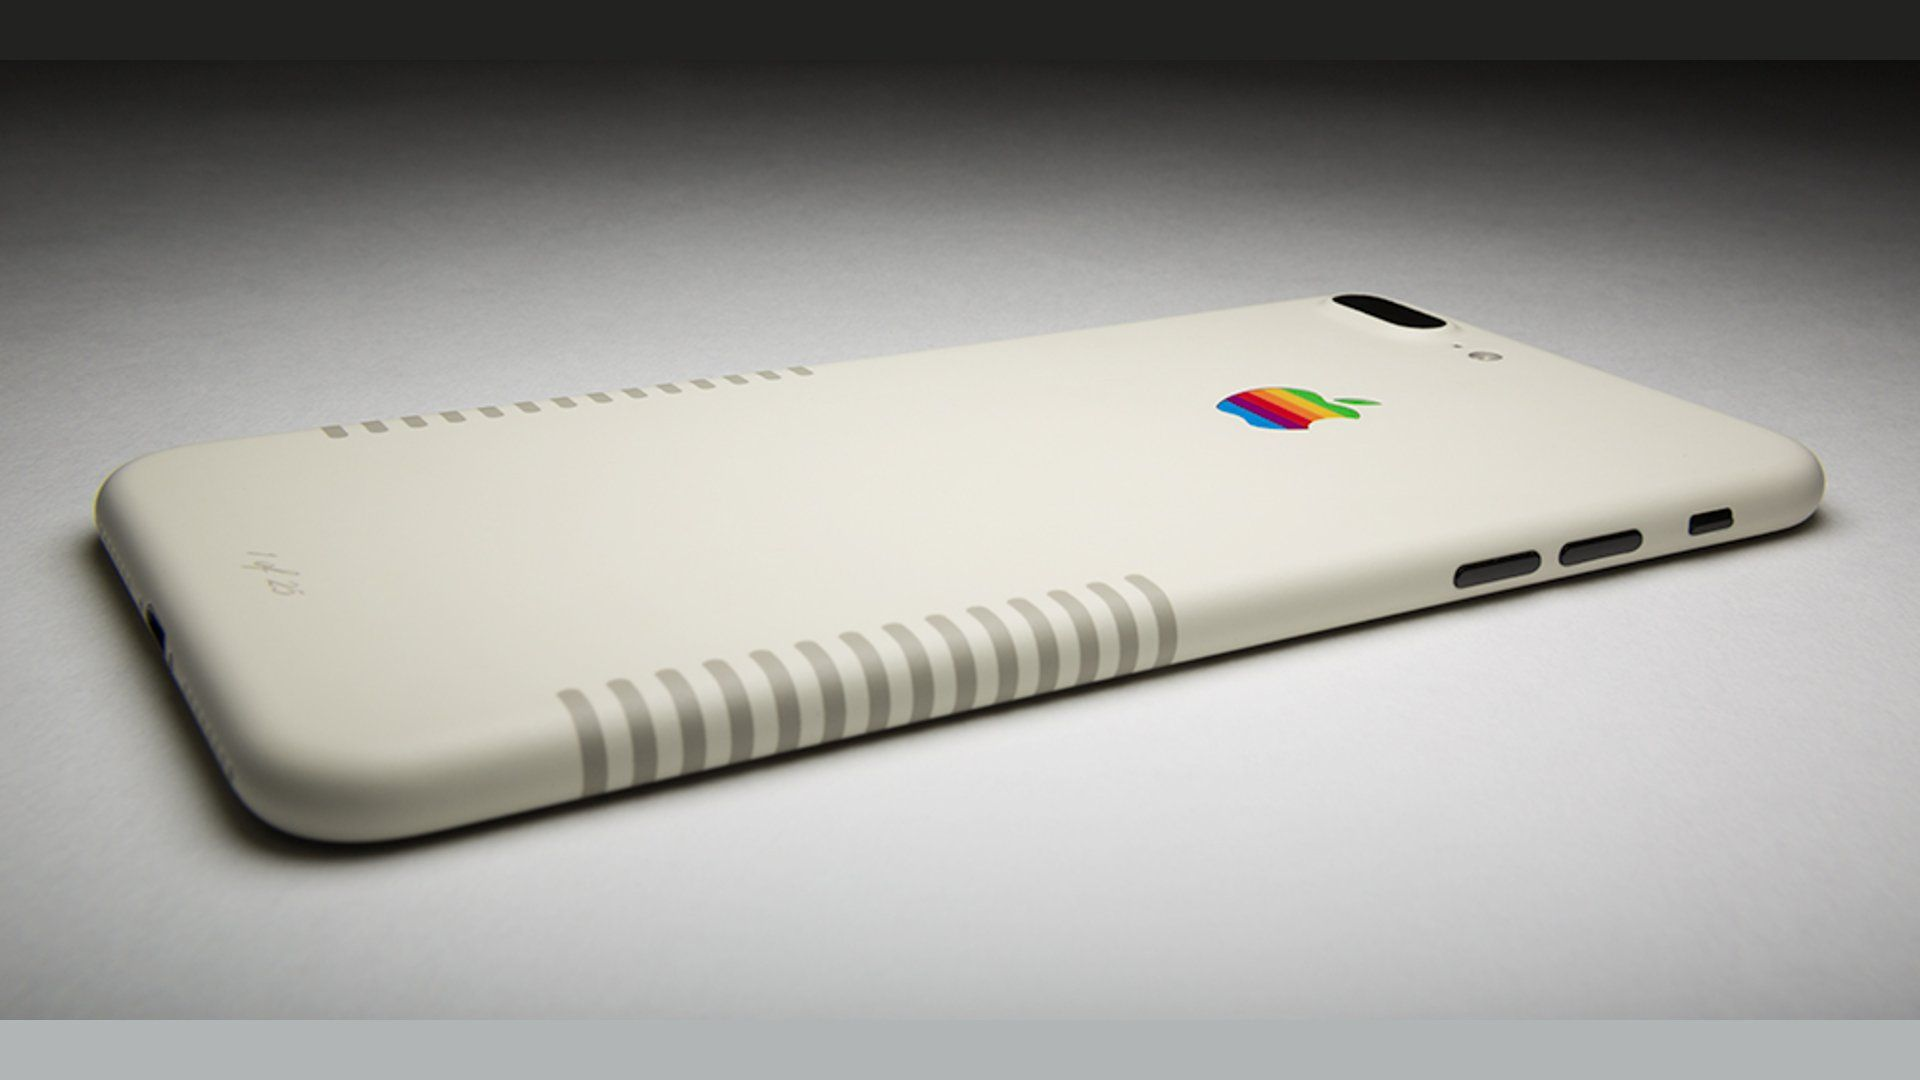 Apple iPhone 7 Plus Retro Edition